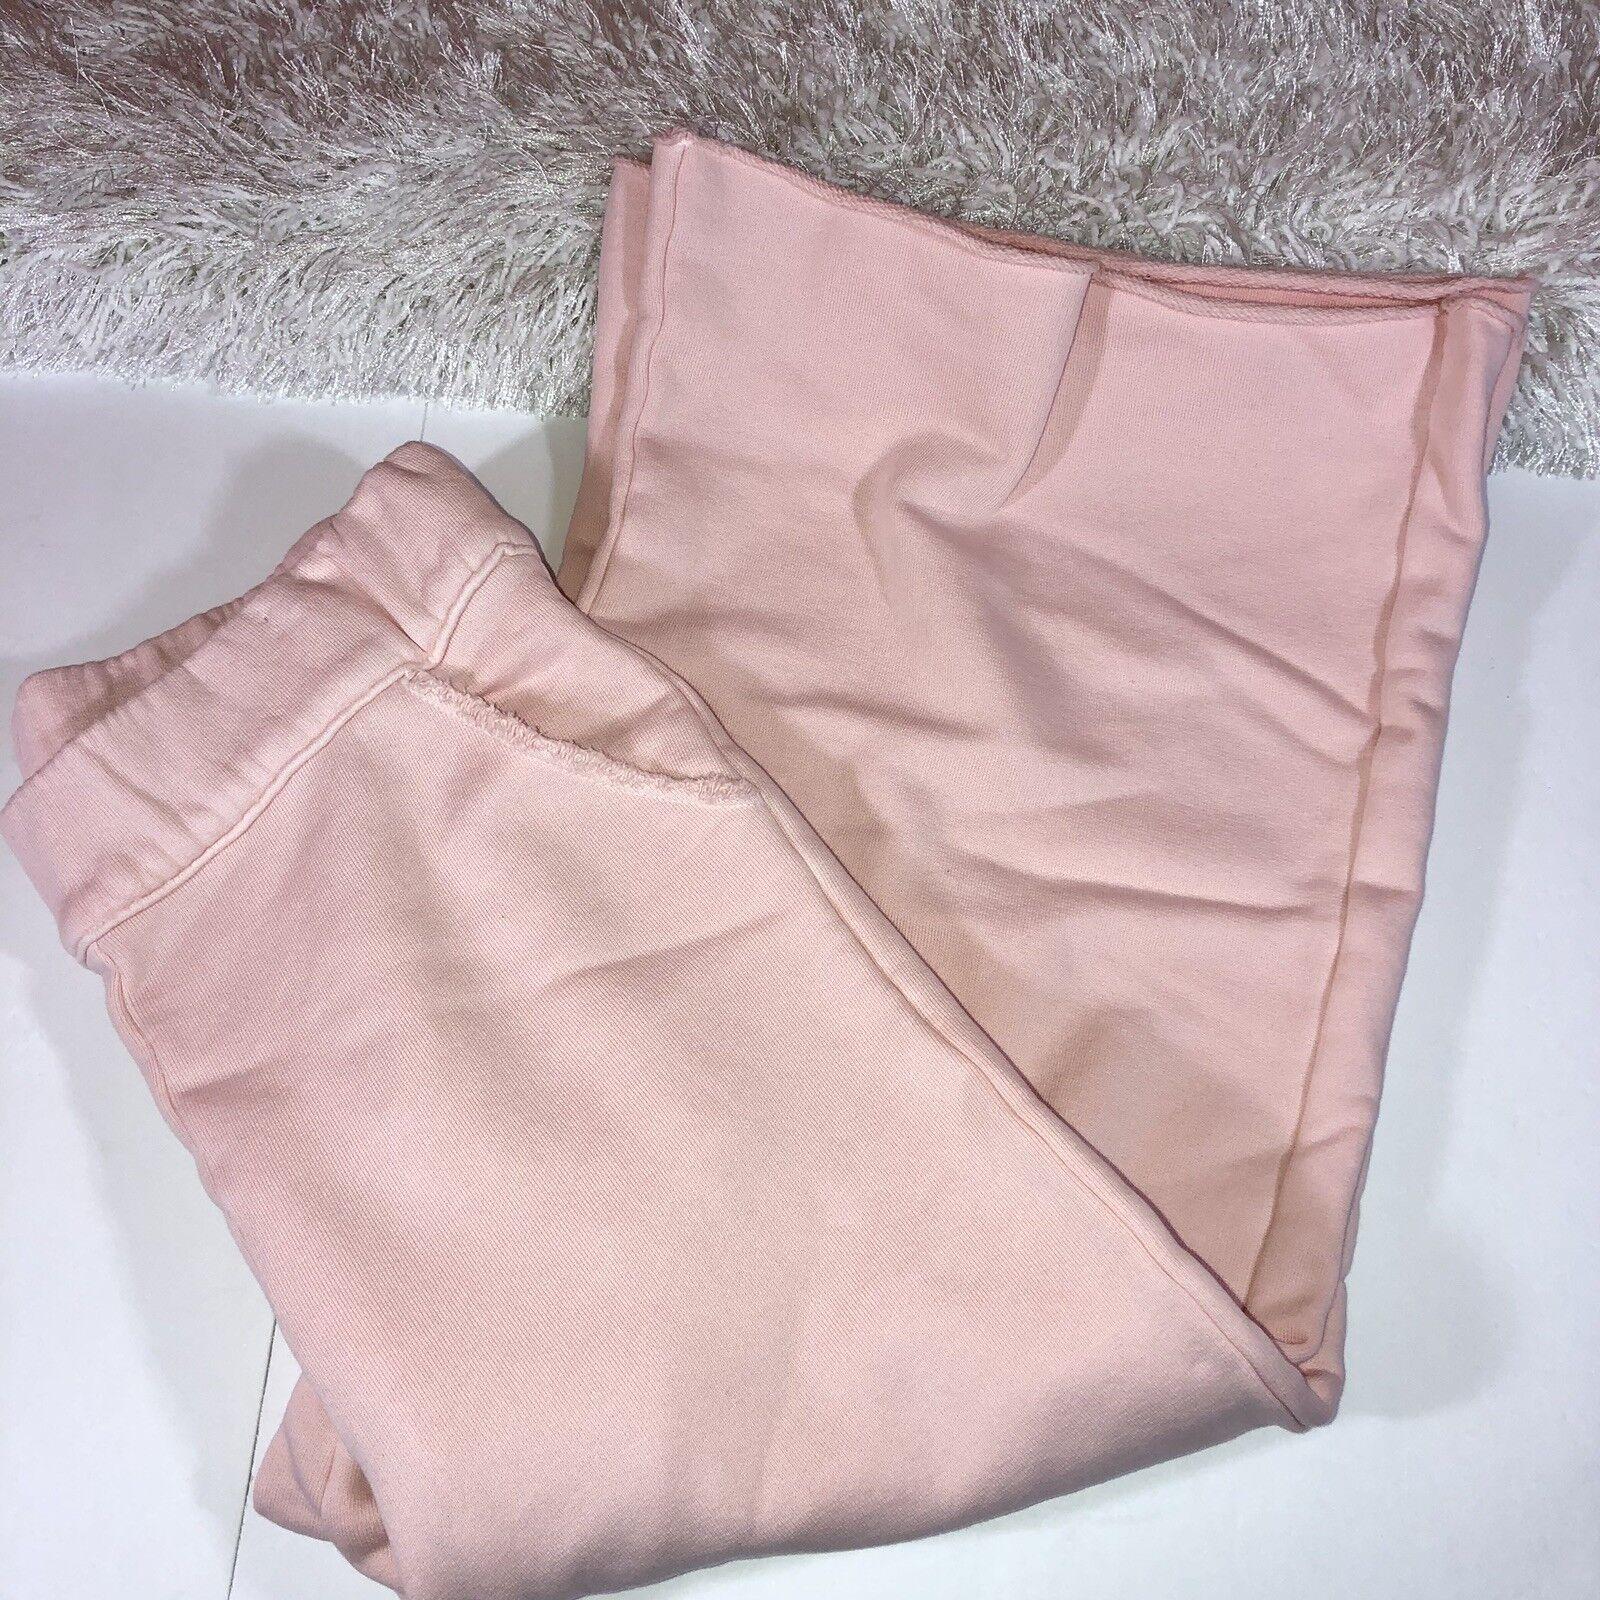 FRANK & EILEEN S Pink TEE LAB Gauchos Crop Capri Pants Knit Fleece  225